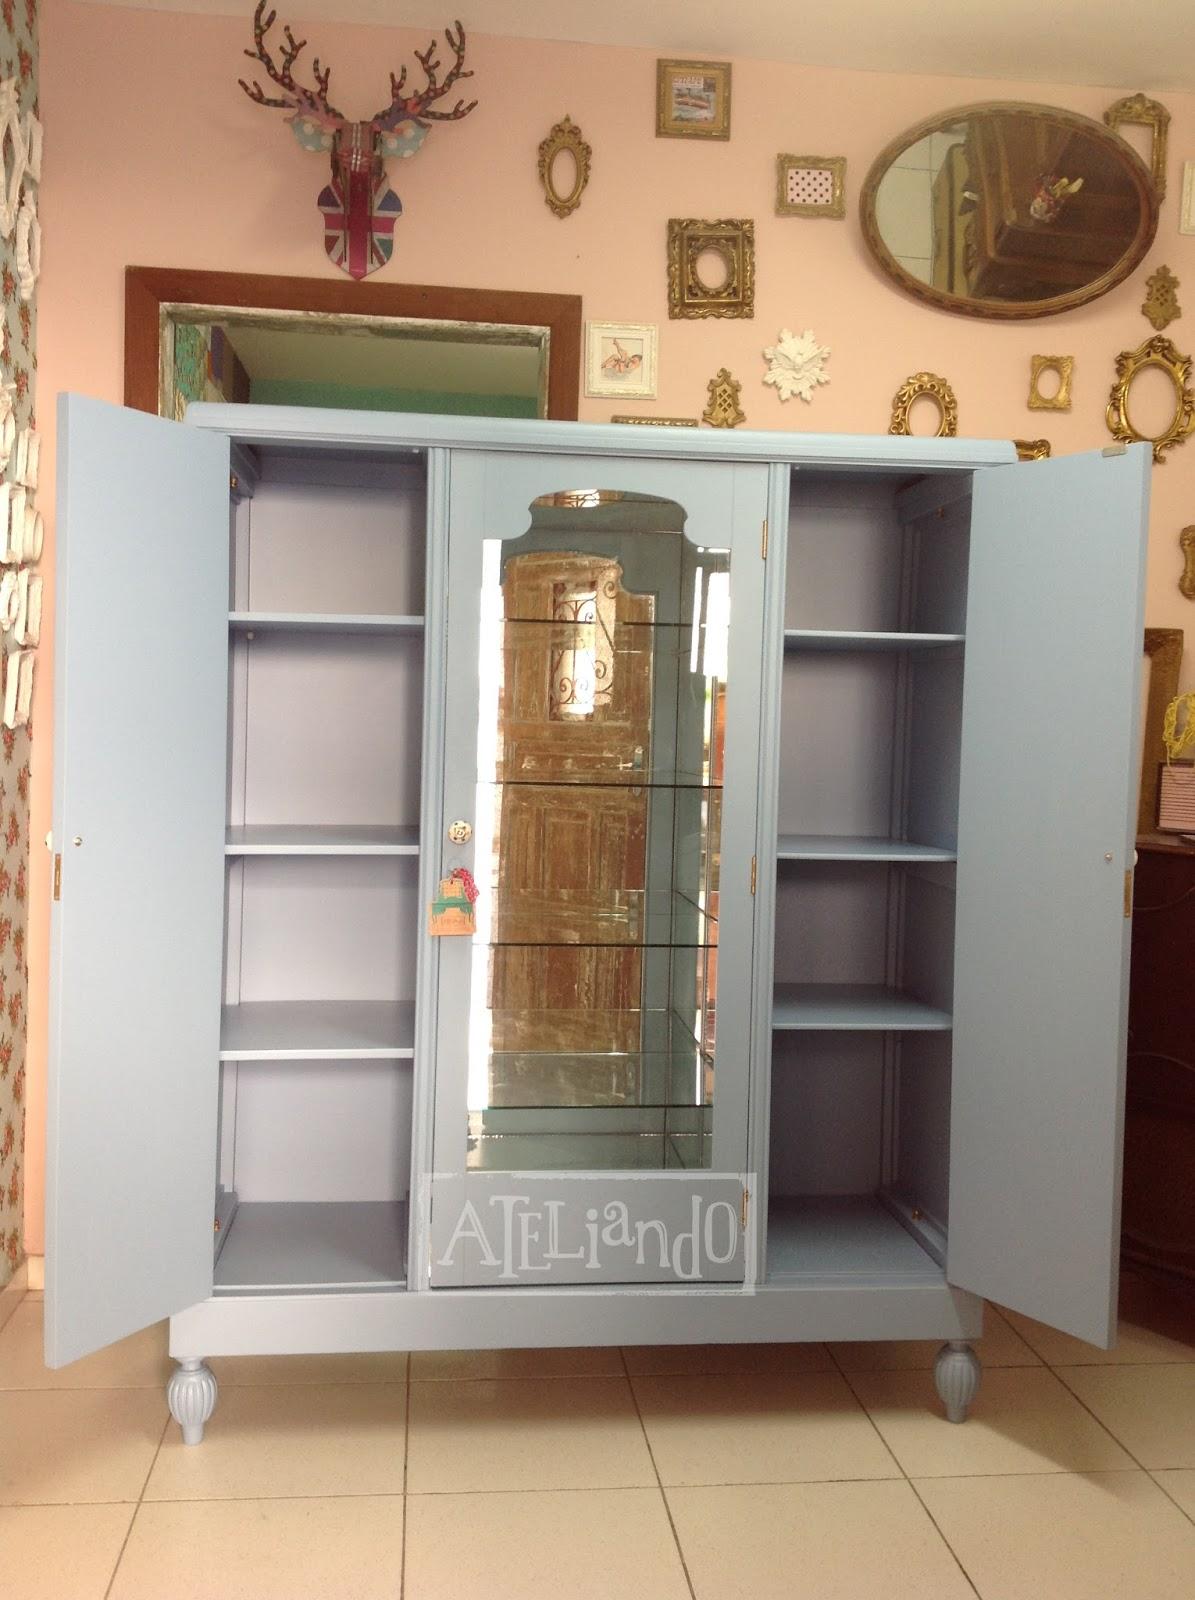 Ateliando Customização de móveis antigos: Era um guarda roupa bem  #9A6631 1195x1600